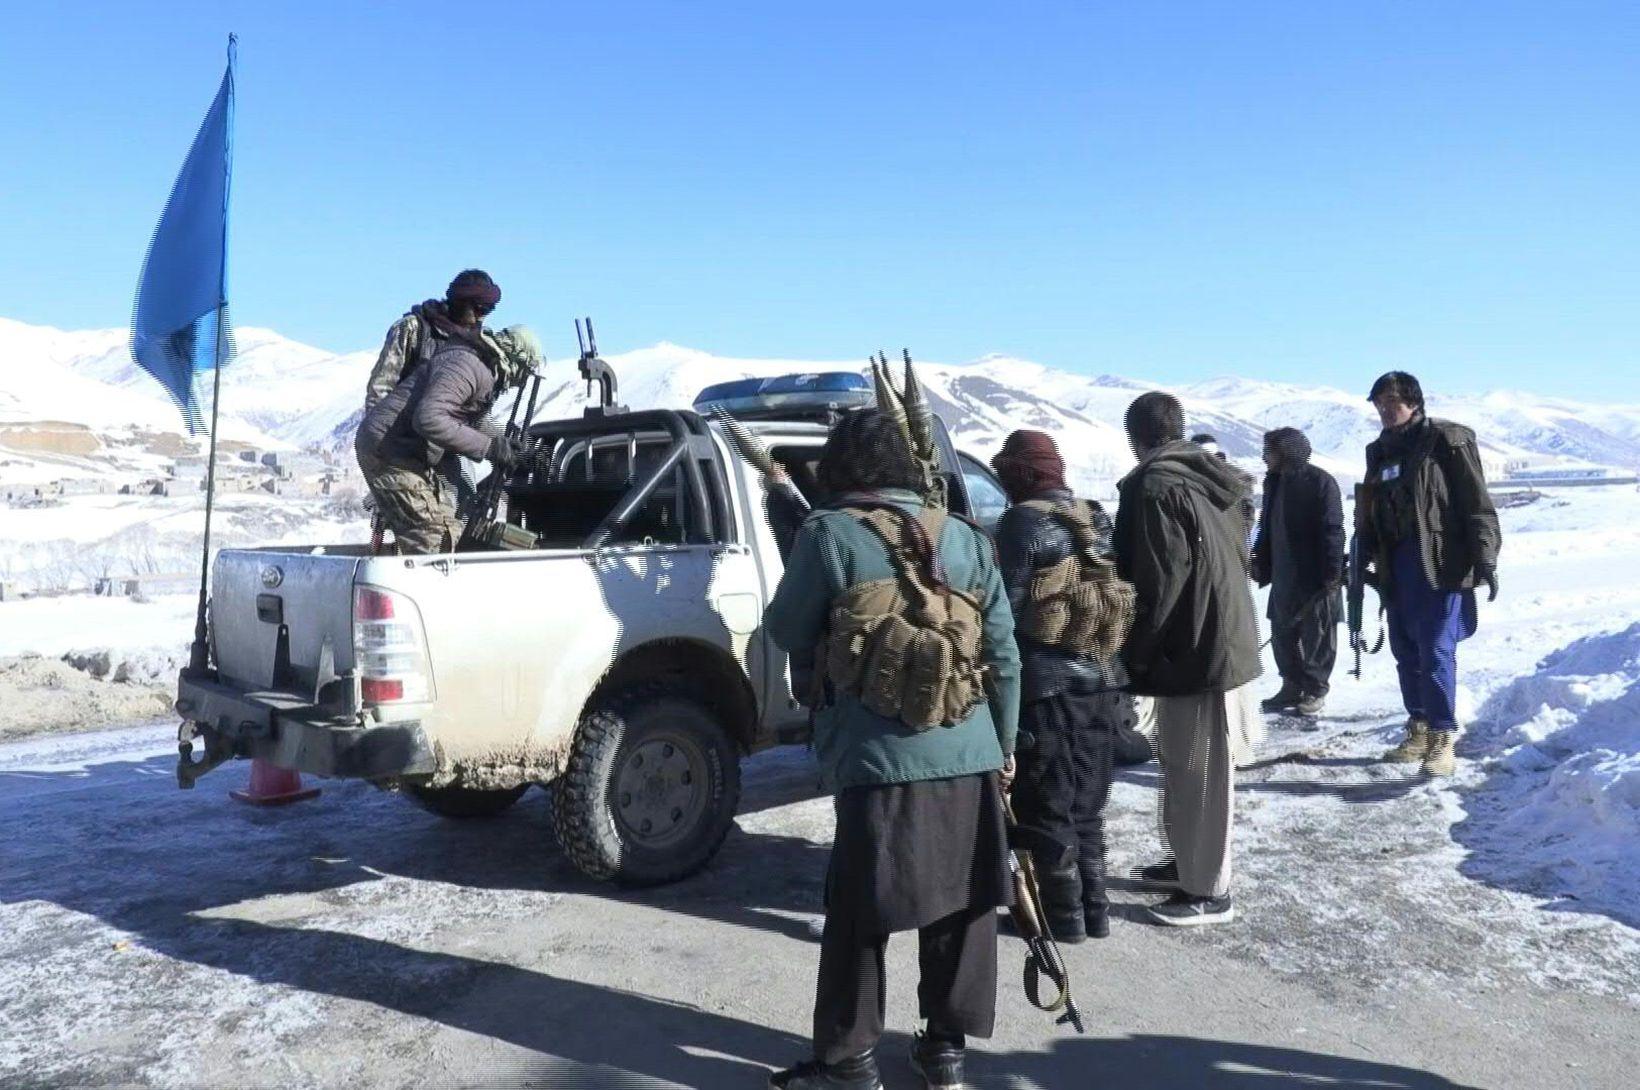 Hasarar í Afganistan vígbúast